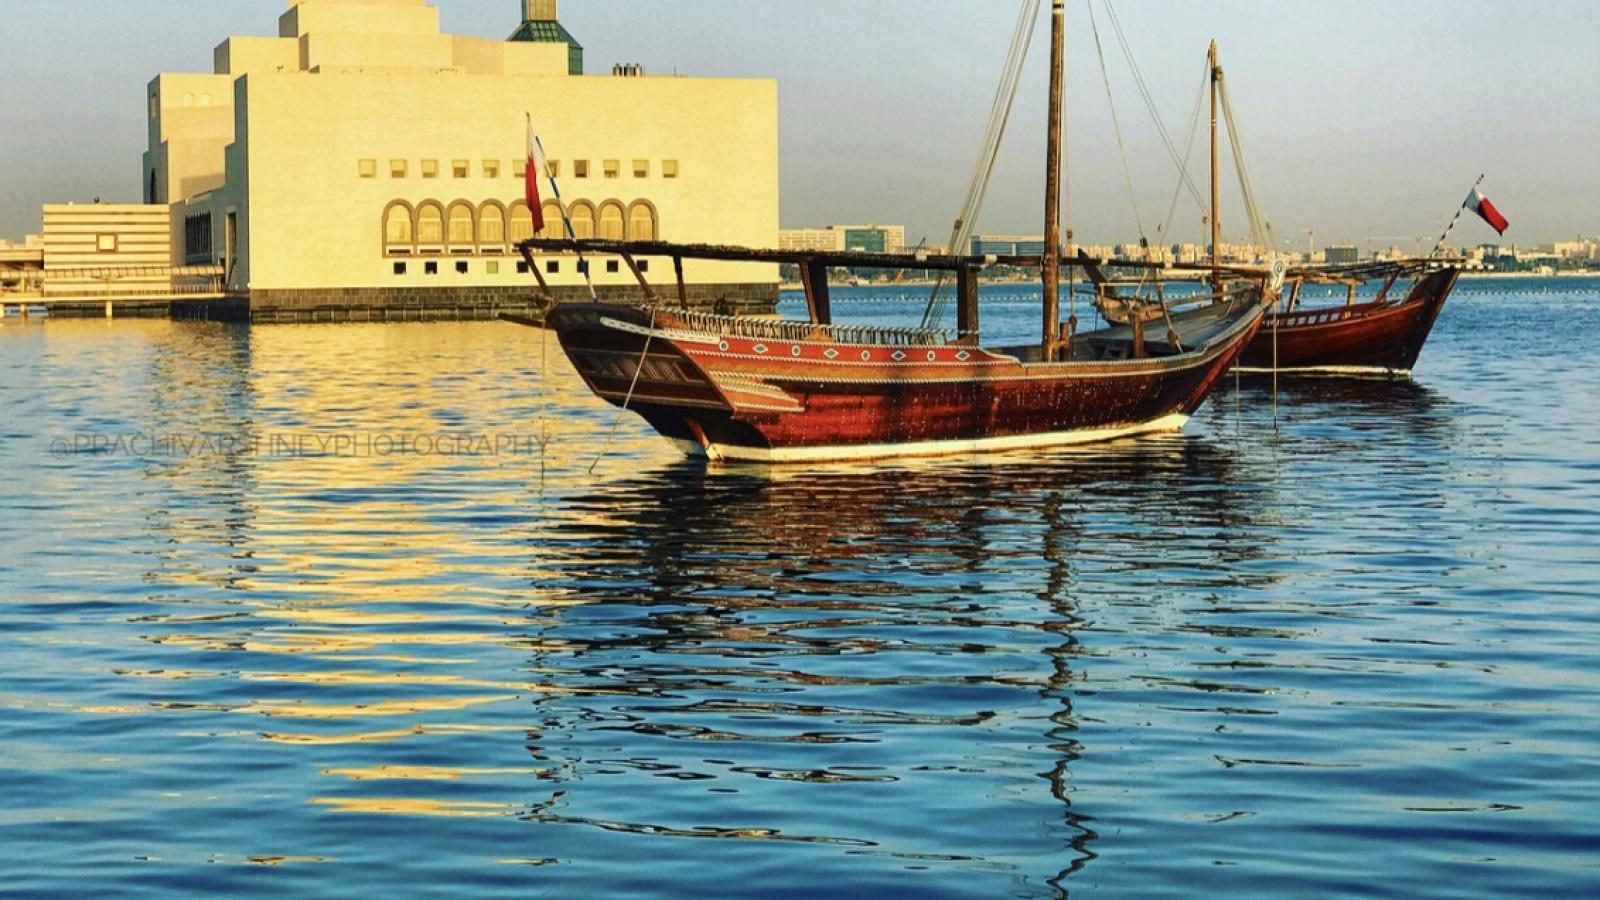 Good morning Qatar!